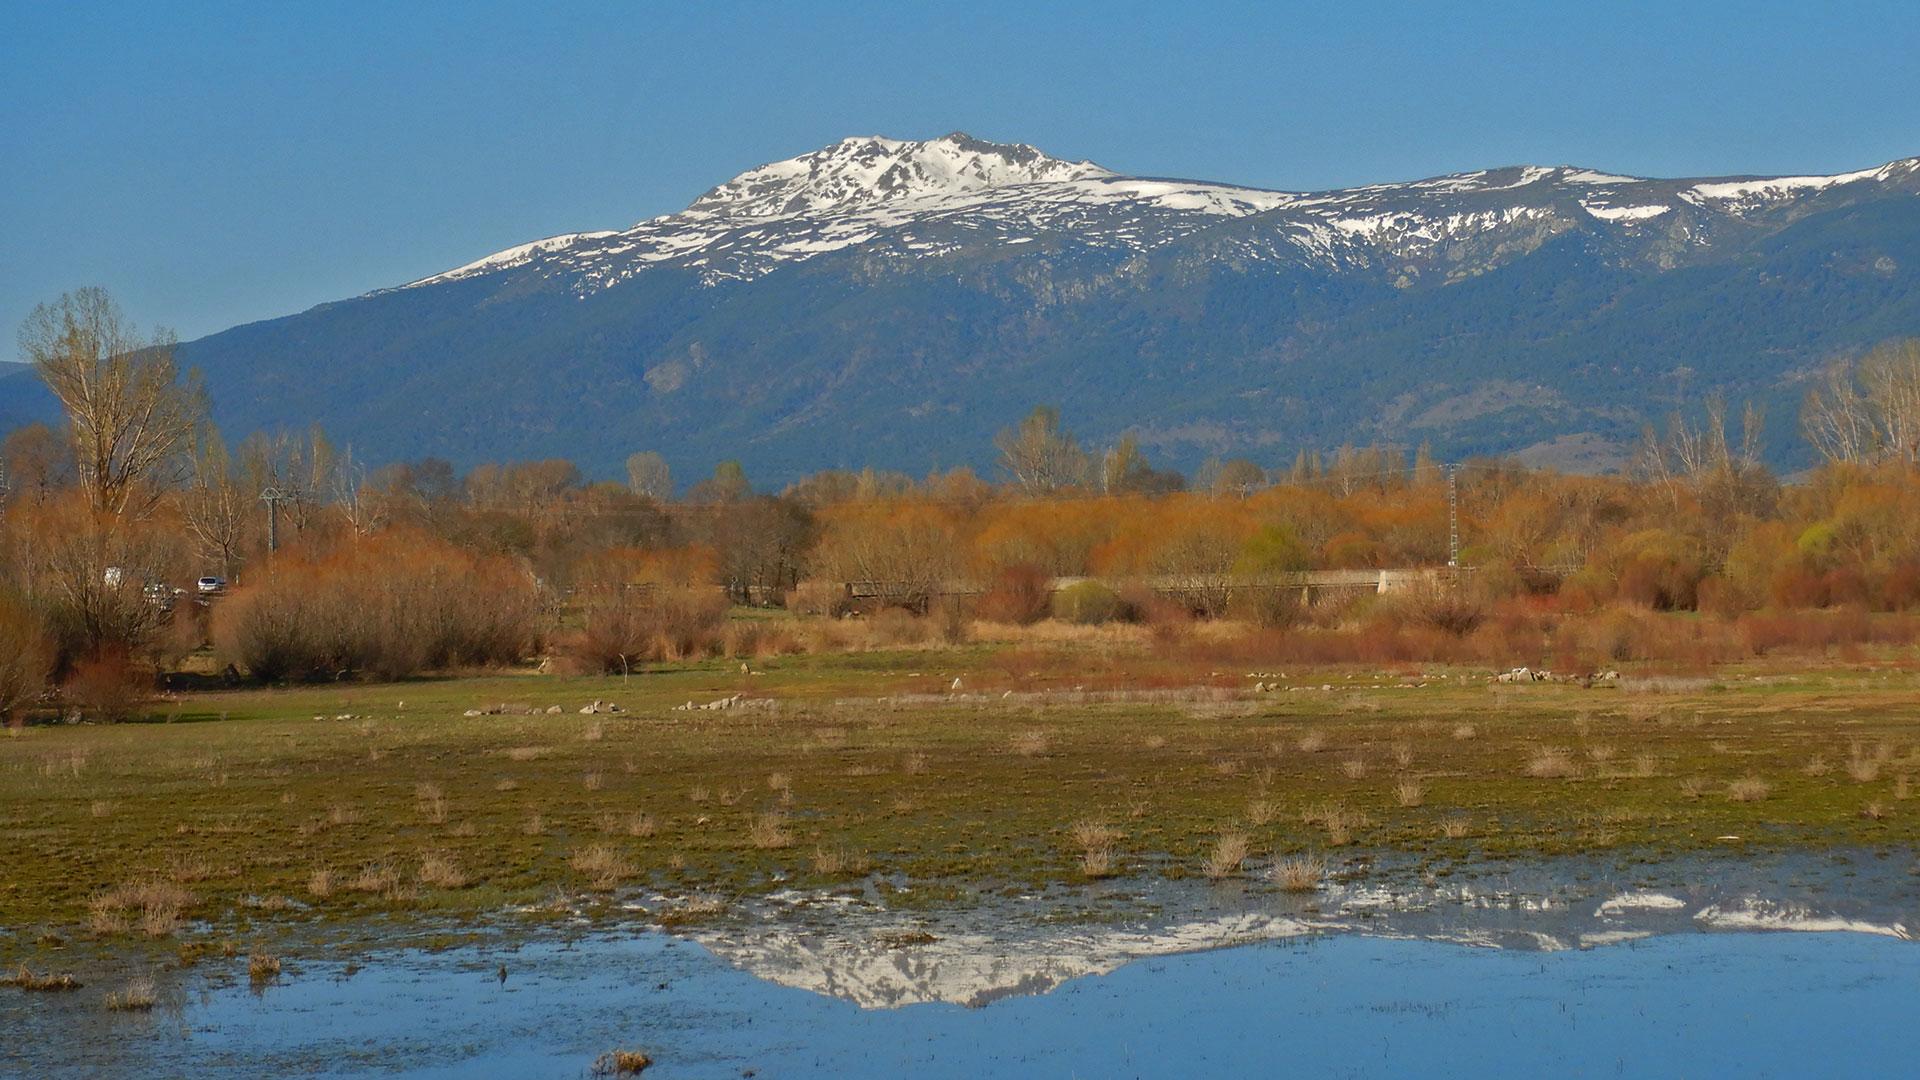 Lozoya. Embalse de Pinilla y Altos del Hontanar